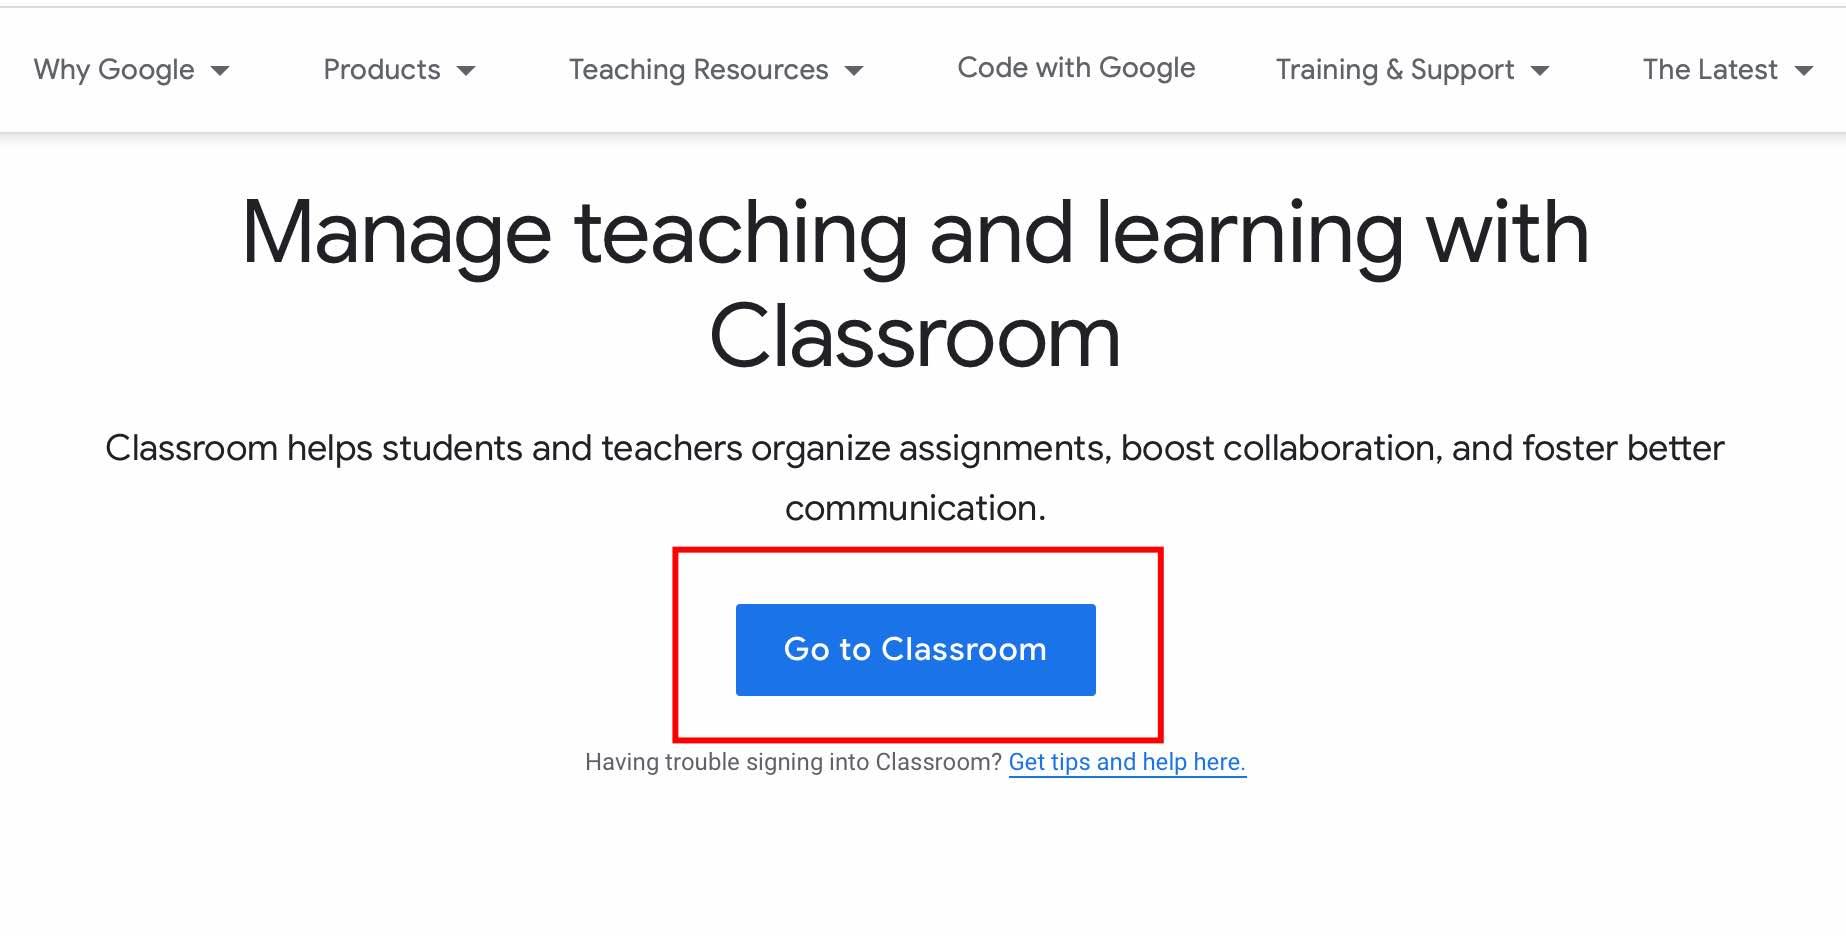 klik go to classroom